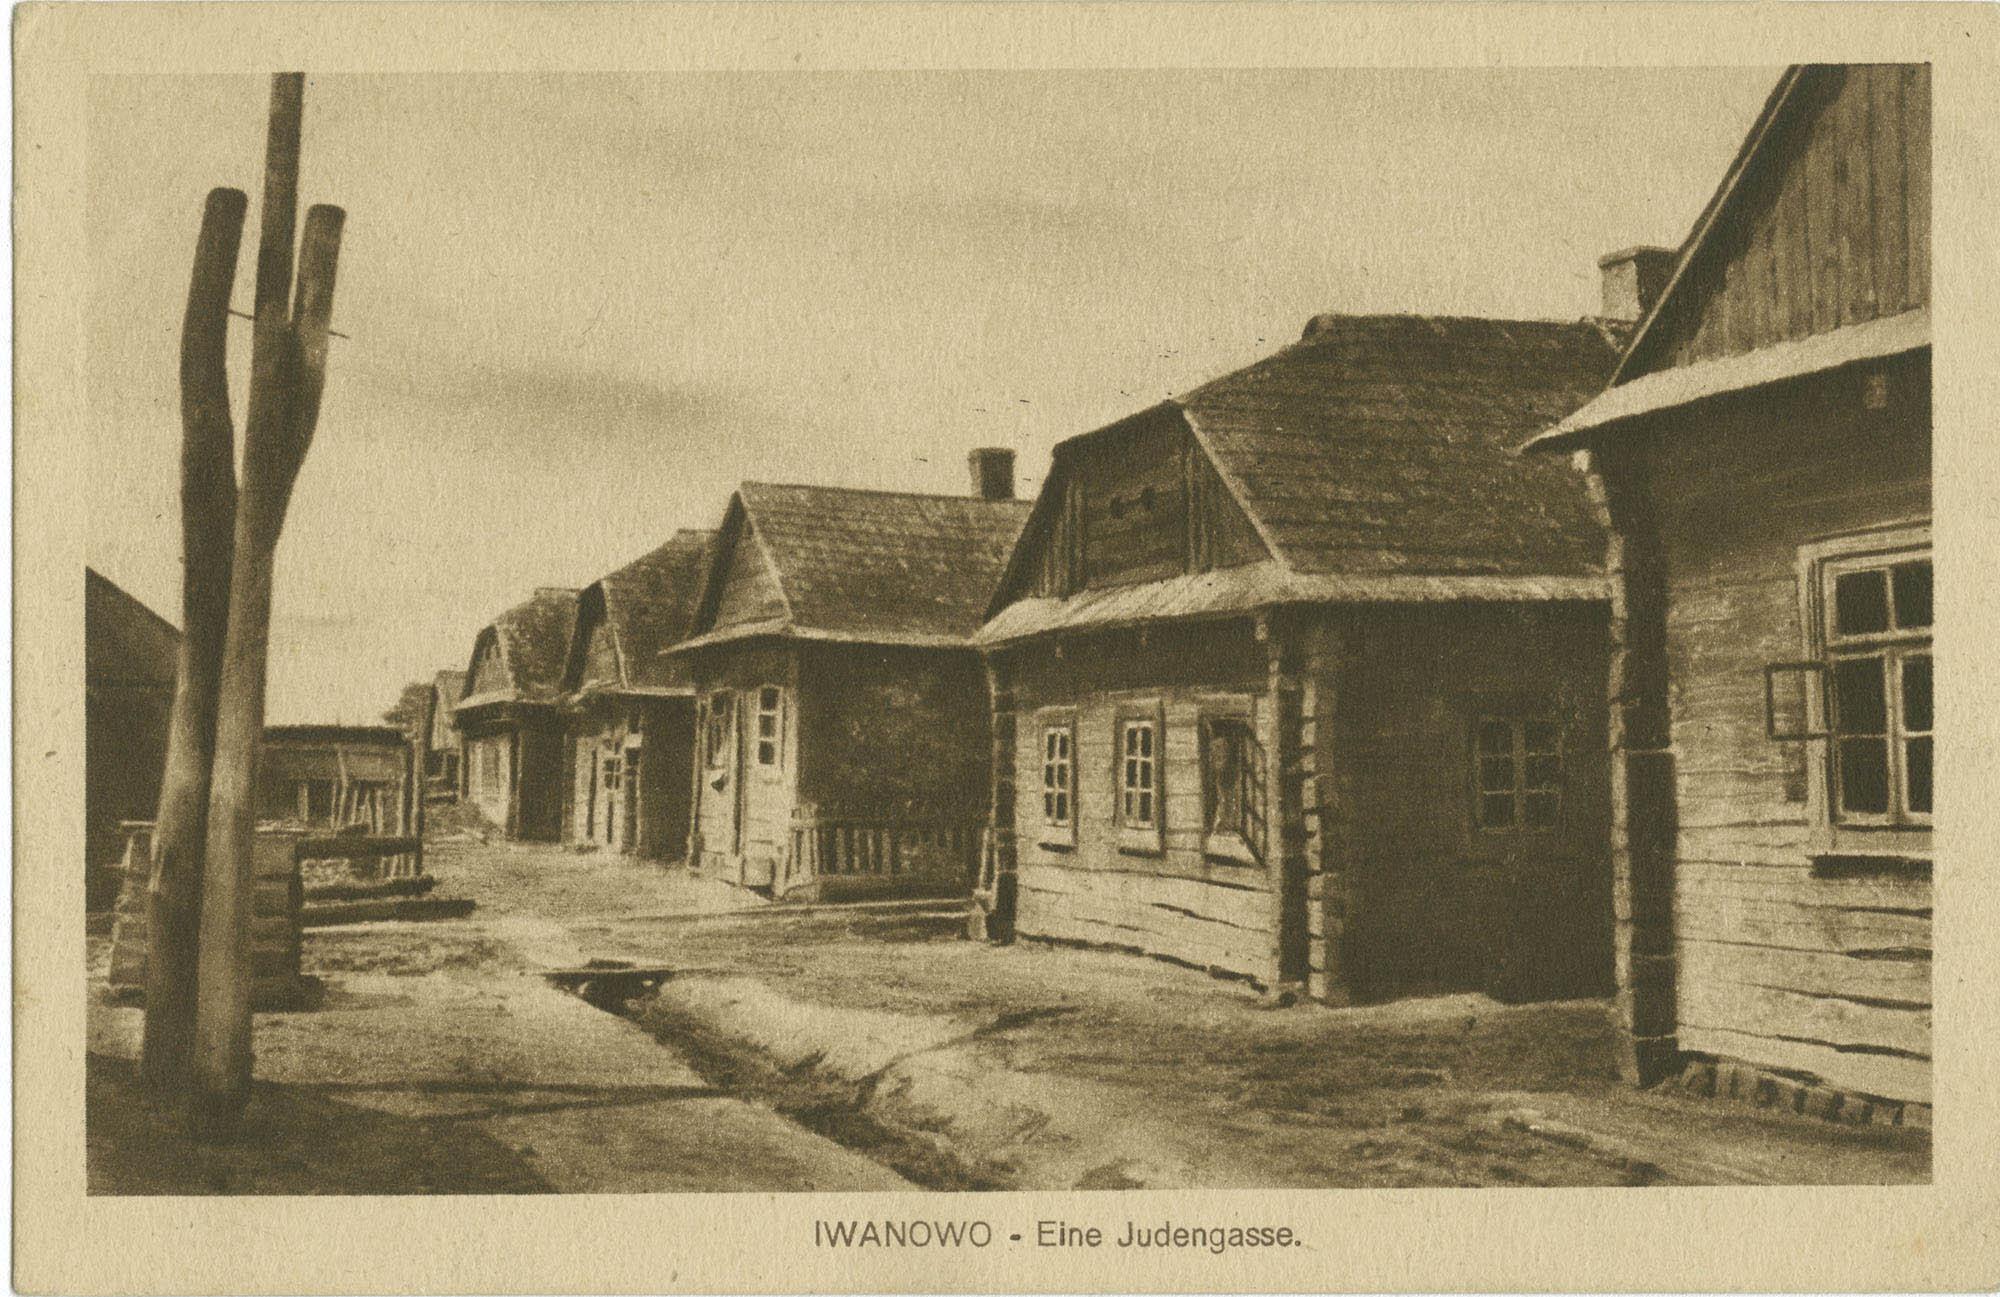 Iwanowo - Eine Judengasse.